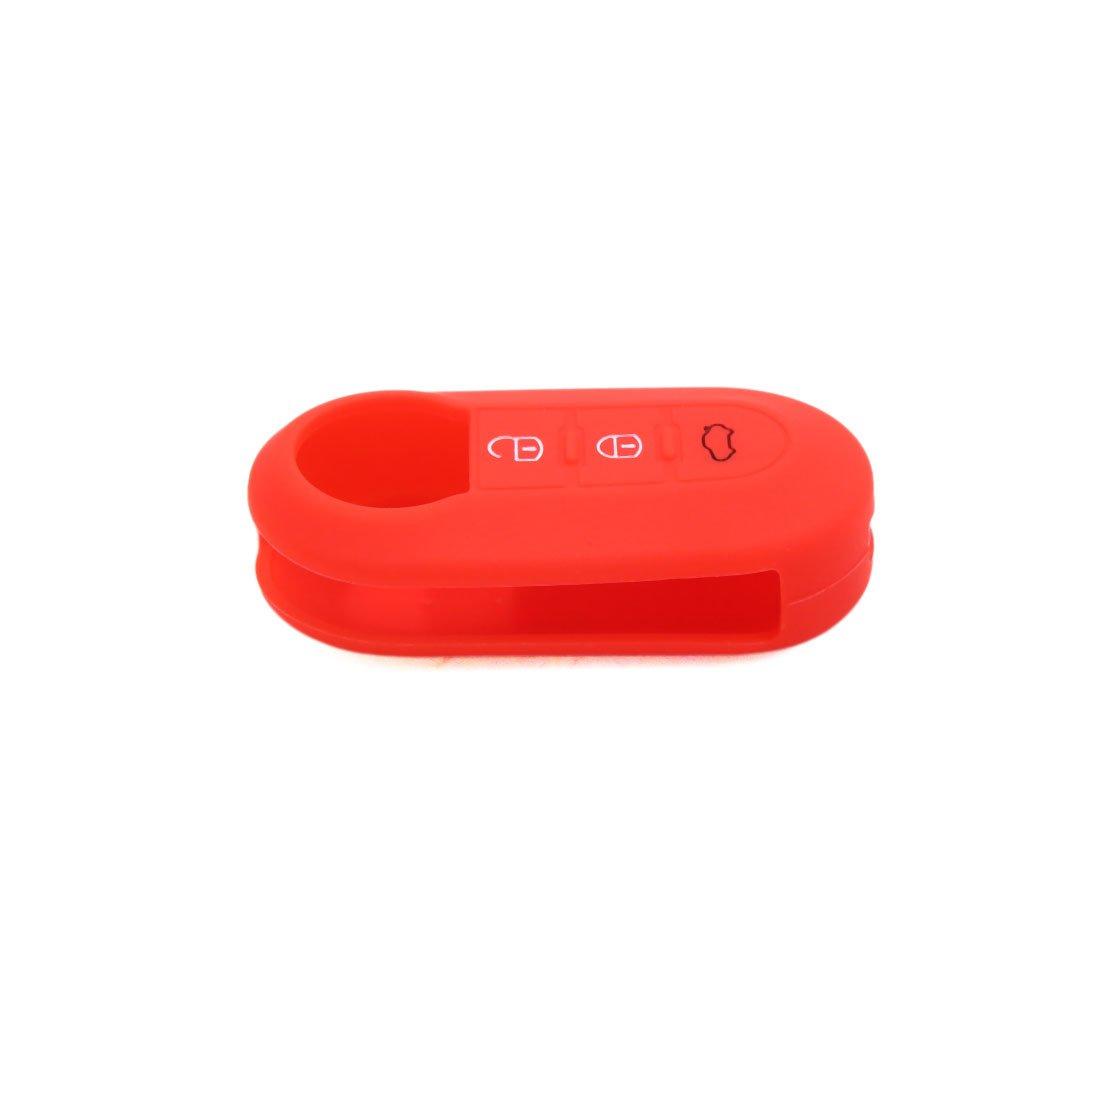 uxcell Red Silicone Three Button Car Remote Key Cover Case Protective for Fiat 500 Viaggio Ottimo Tipo a18010800ux0106